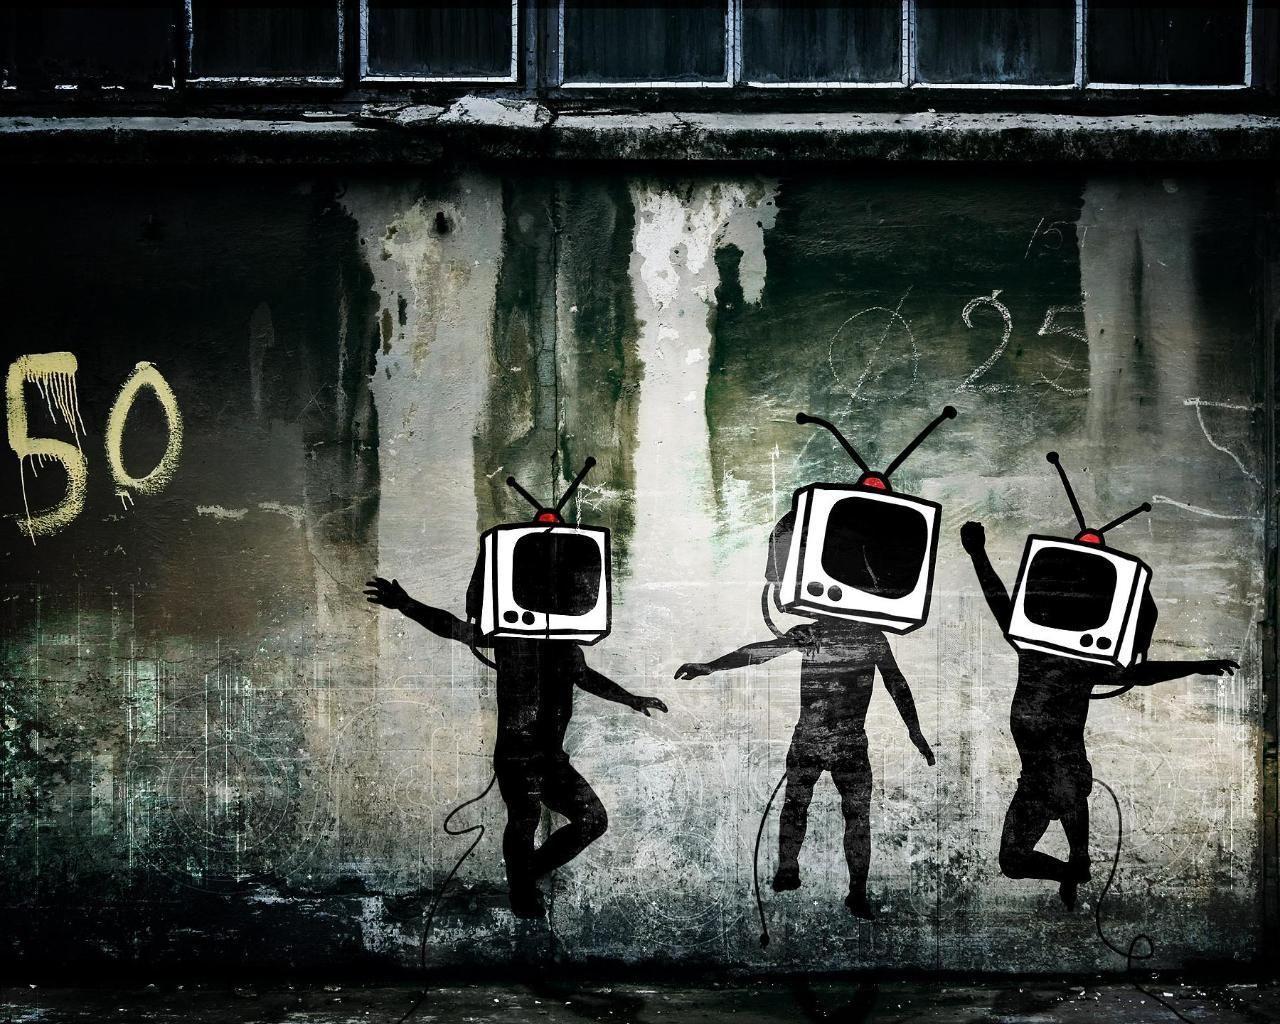 1280x1024 Hình nền nghệ thuật đường phố đô thị Tv Man Urban Graffiti hình nền.  Đô thị